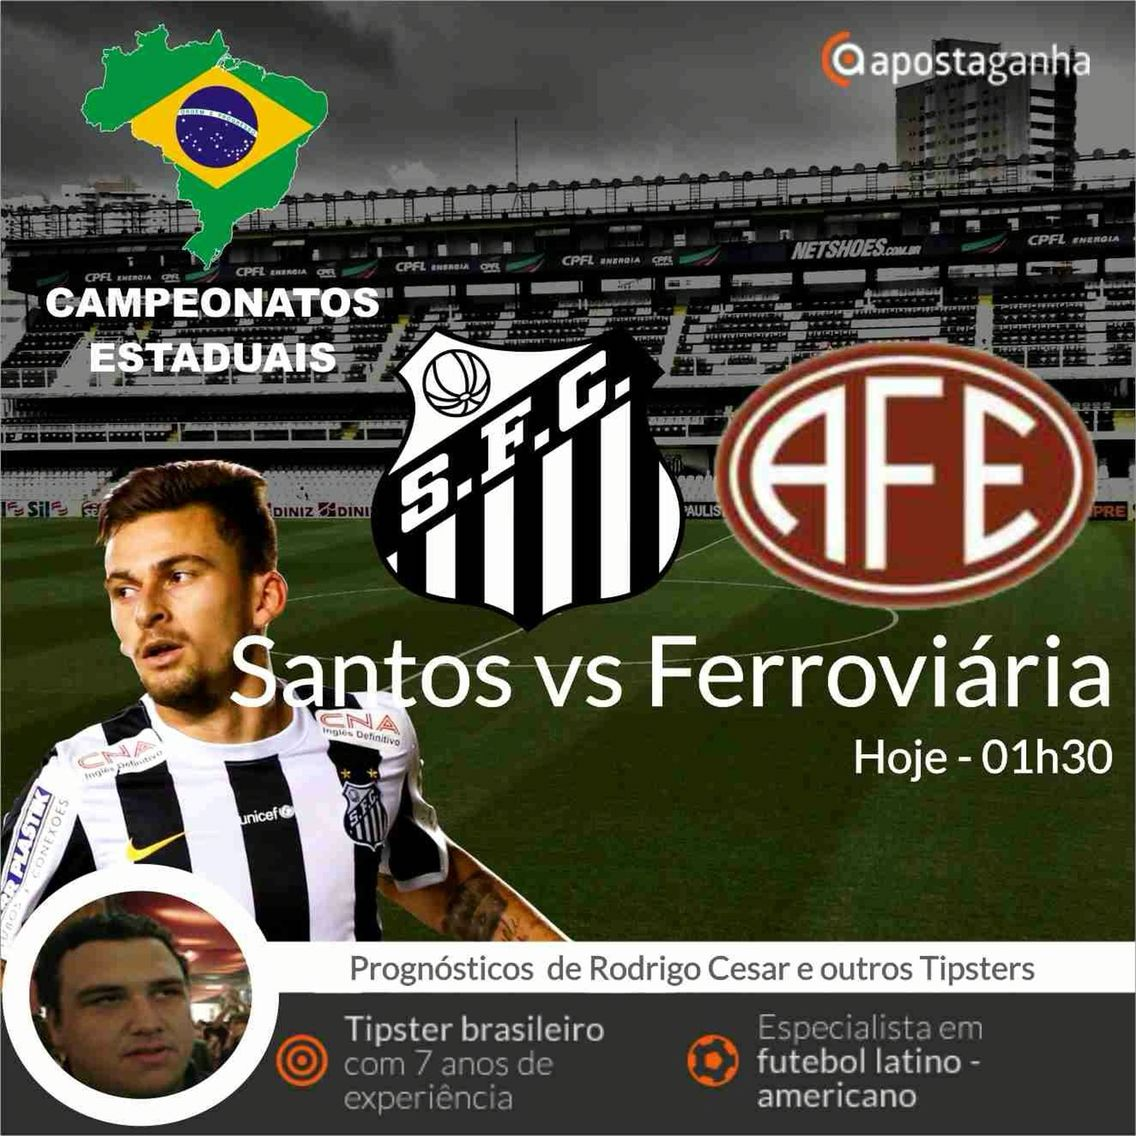 Confere o prognóstico do nosso especialista Rodrigo Cesar para o campeonato paulista...  http://www.apostaganha.com/2016/03/31/prognostico-apostas-santos-vs-ferroviaria-paulista-00091/  http://www.apostaganha.com/2016/03/29/prognostico-apostas-santos-vs-ferroviaria-paulista/  200 euros de bônus, cashout e um dos melhores live. Conheça a 10bet:  http://bit.ly/promo-10bet-AG  #apostas #apostaganha #apostasonline #futebol #paulista #peixe #santos #ferrinha #ferroviaria #brasil #bet #betting…